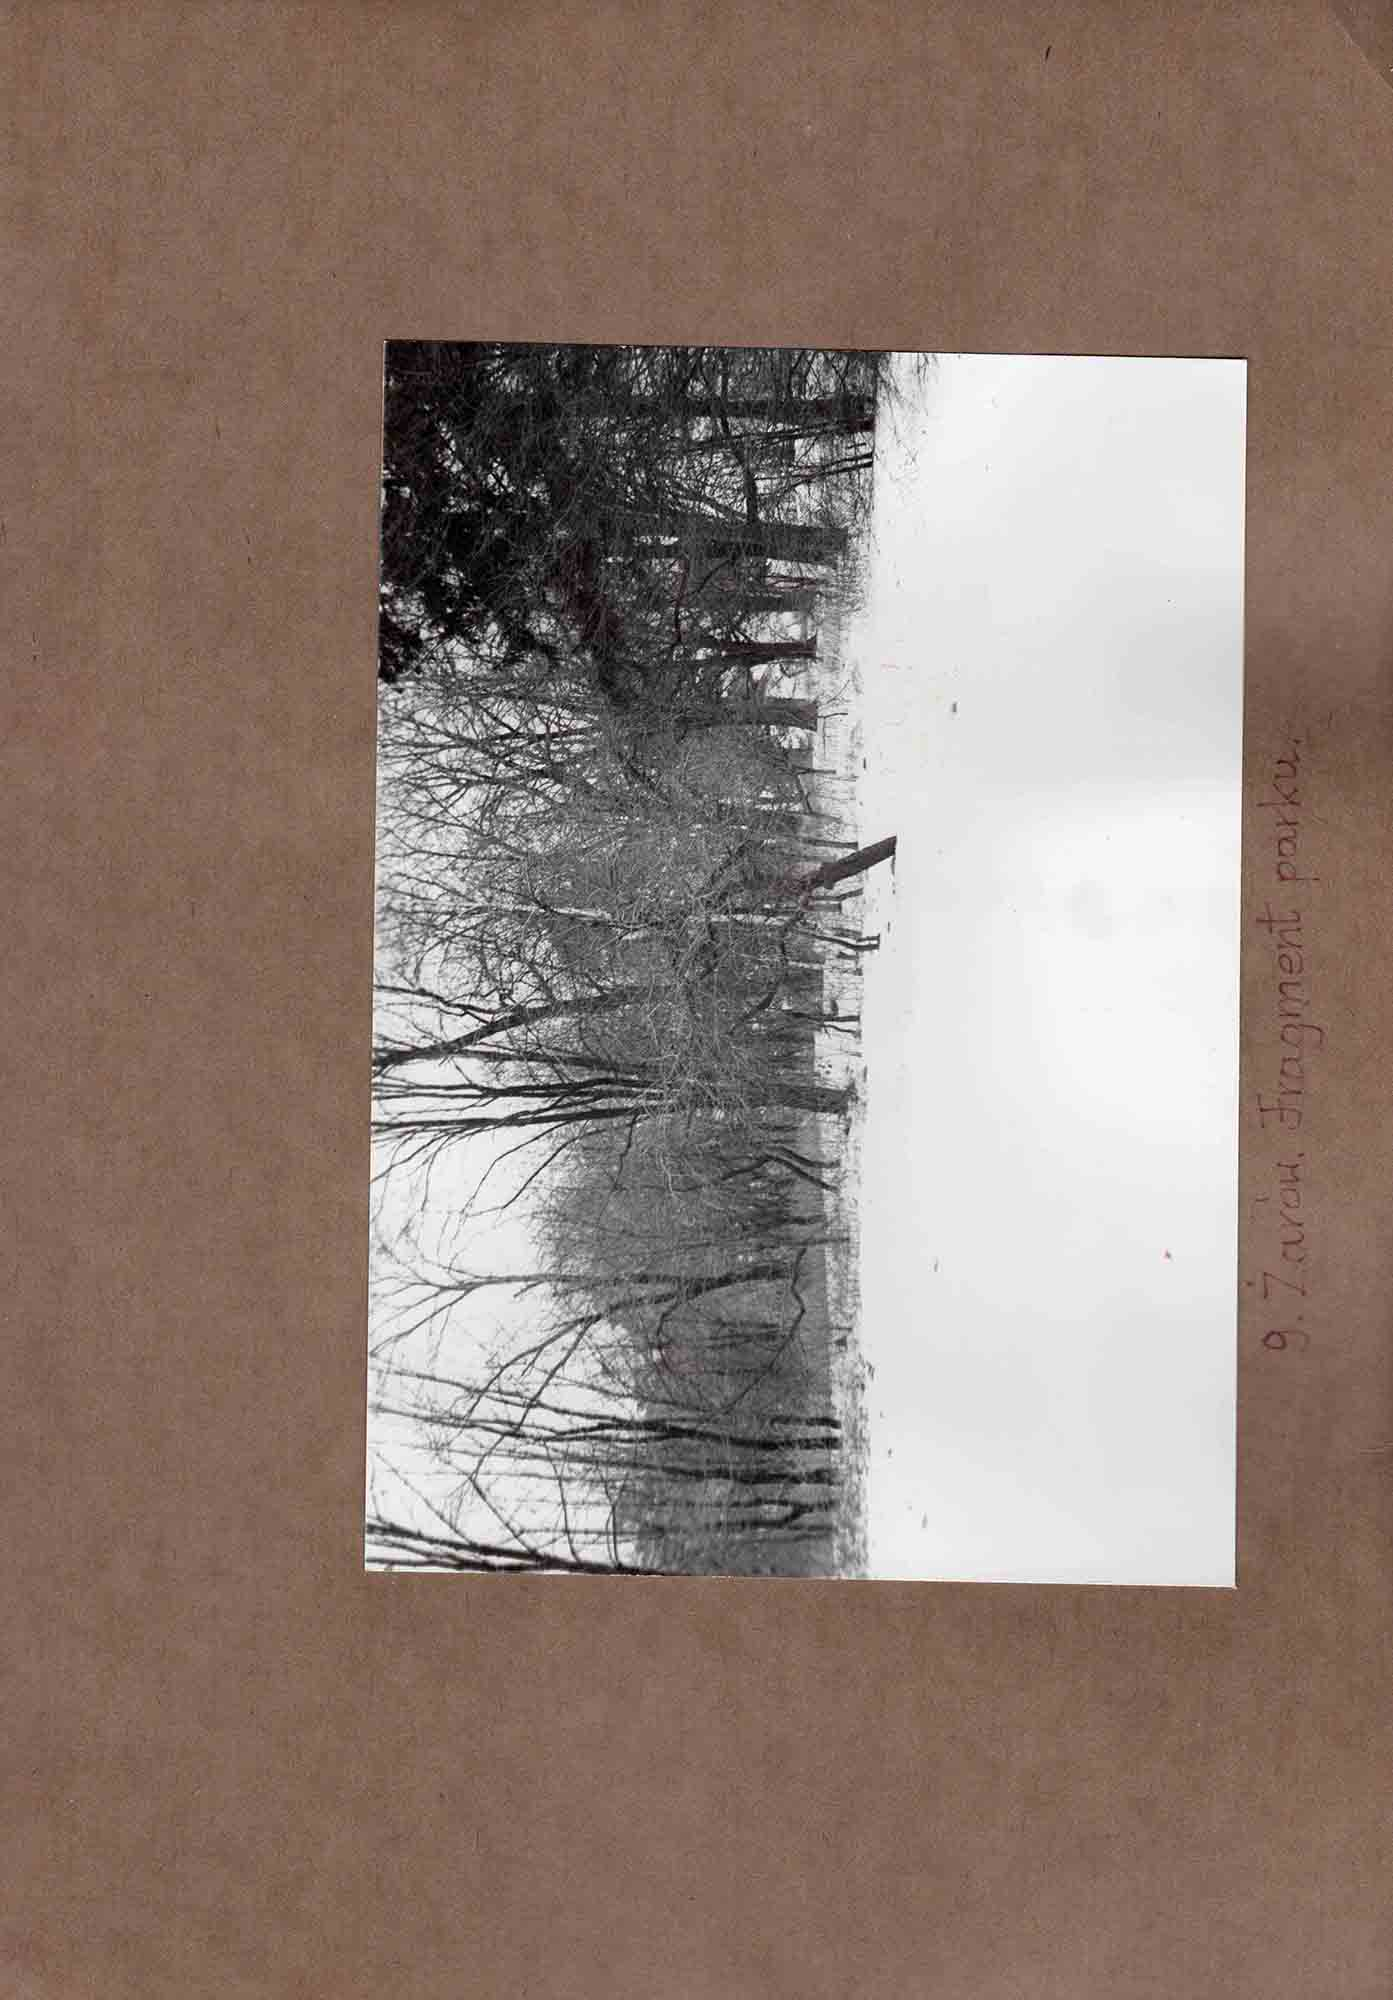 Ewidencja założenia ogrodowo-parkowego 1987 dokument (23)